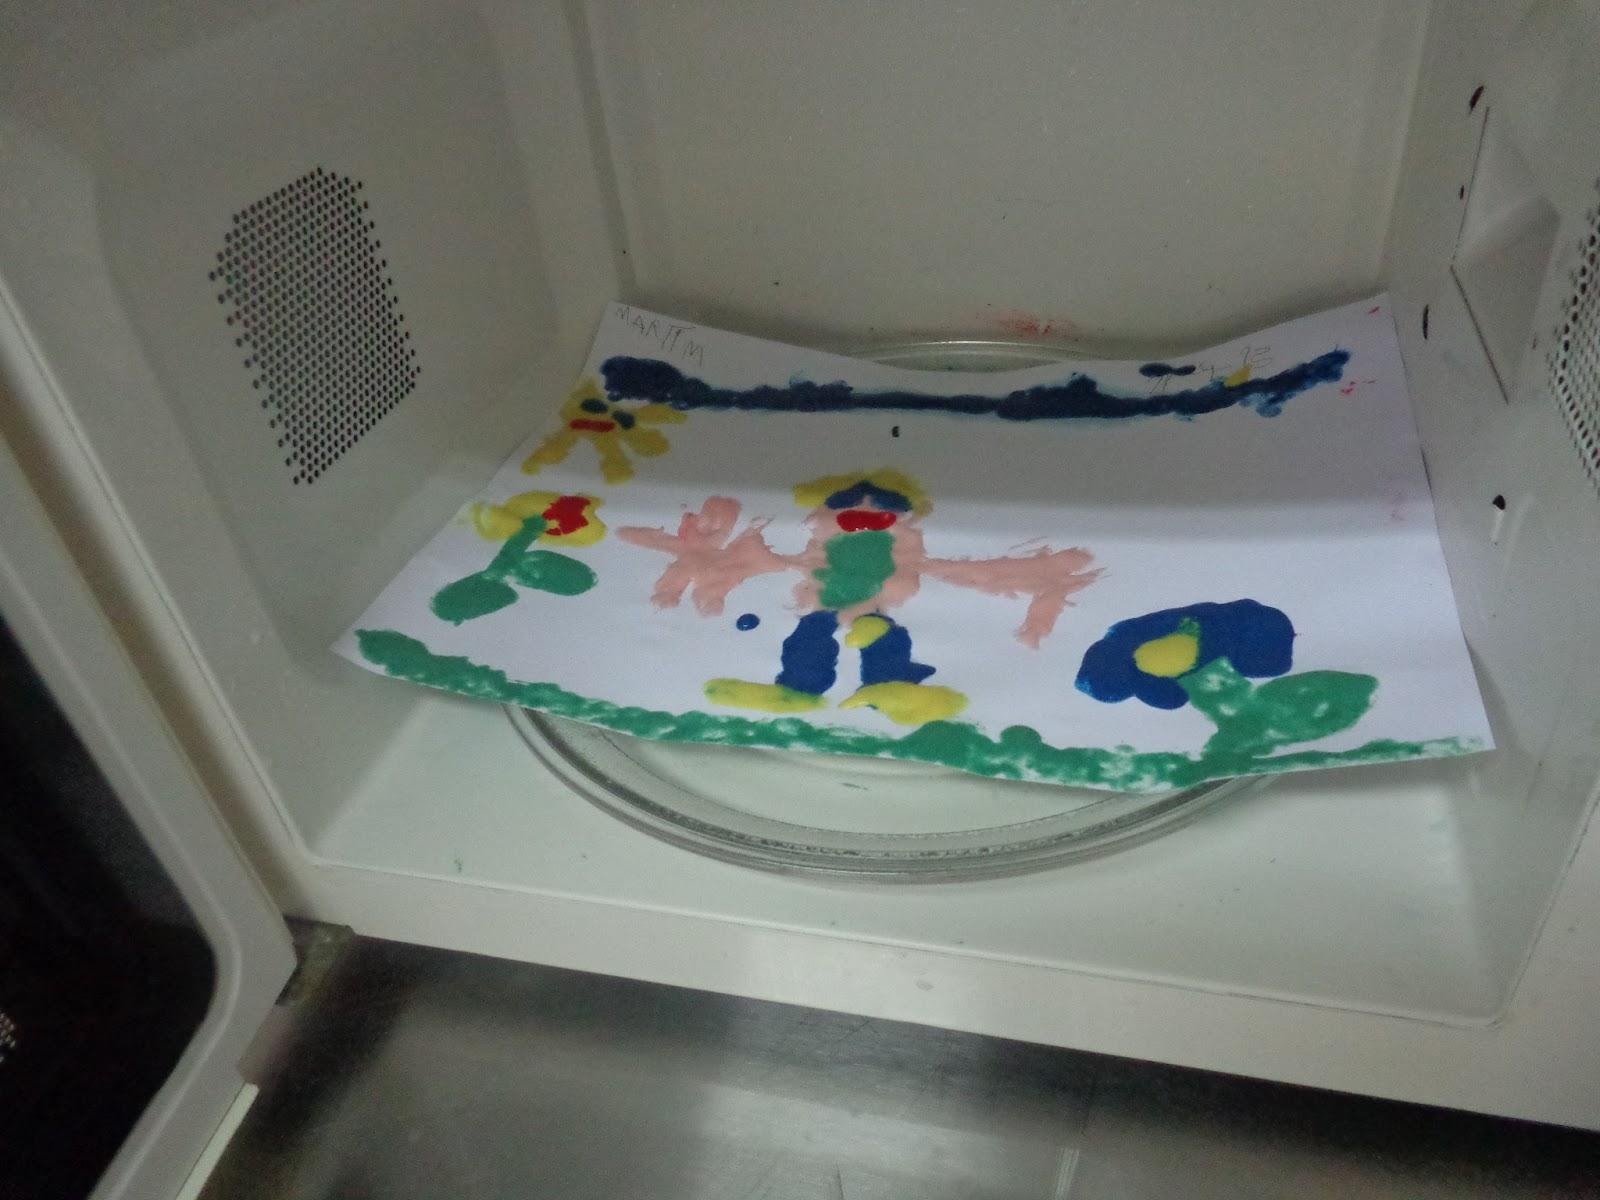 Pintura de microondas triquiteiros de s jo o - Pintura para microondas ...